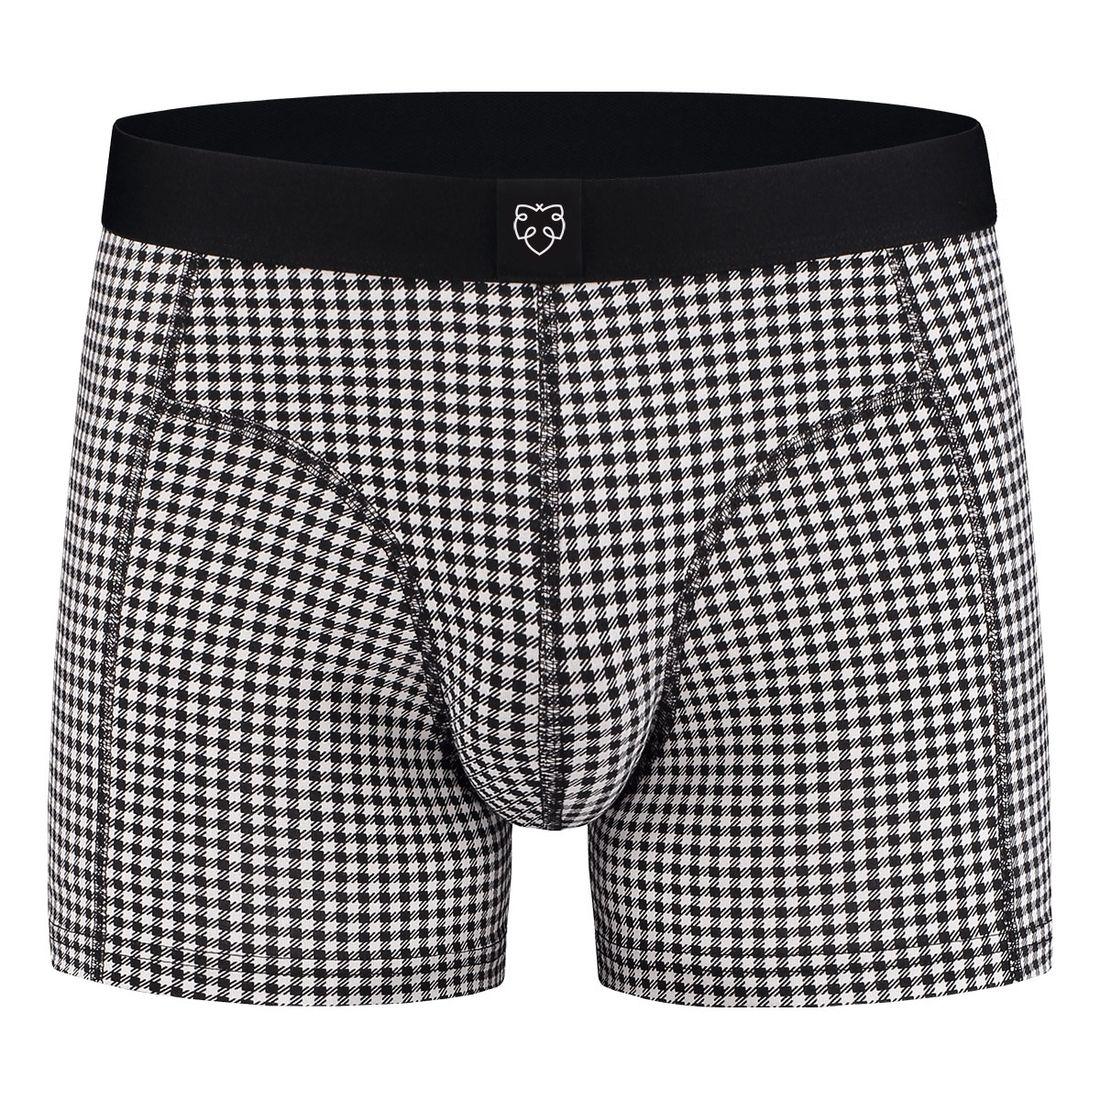 Afbeelding van A dam Underwear boxer hugo heren